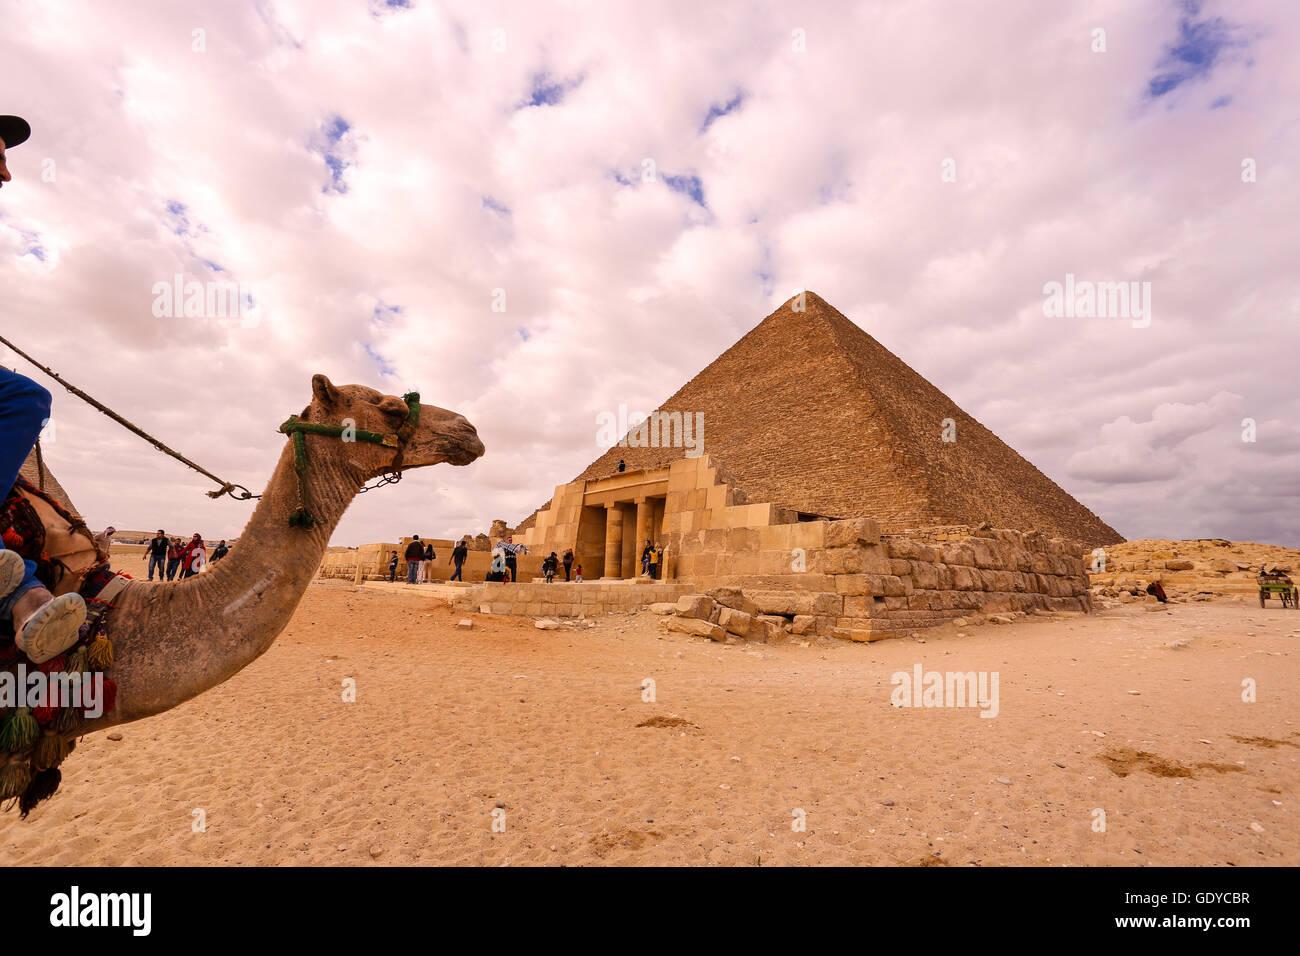 Camel & driver presso le Piramidi di Giza, il Cairo, Egitto Immagini Stock